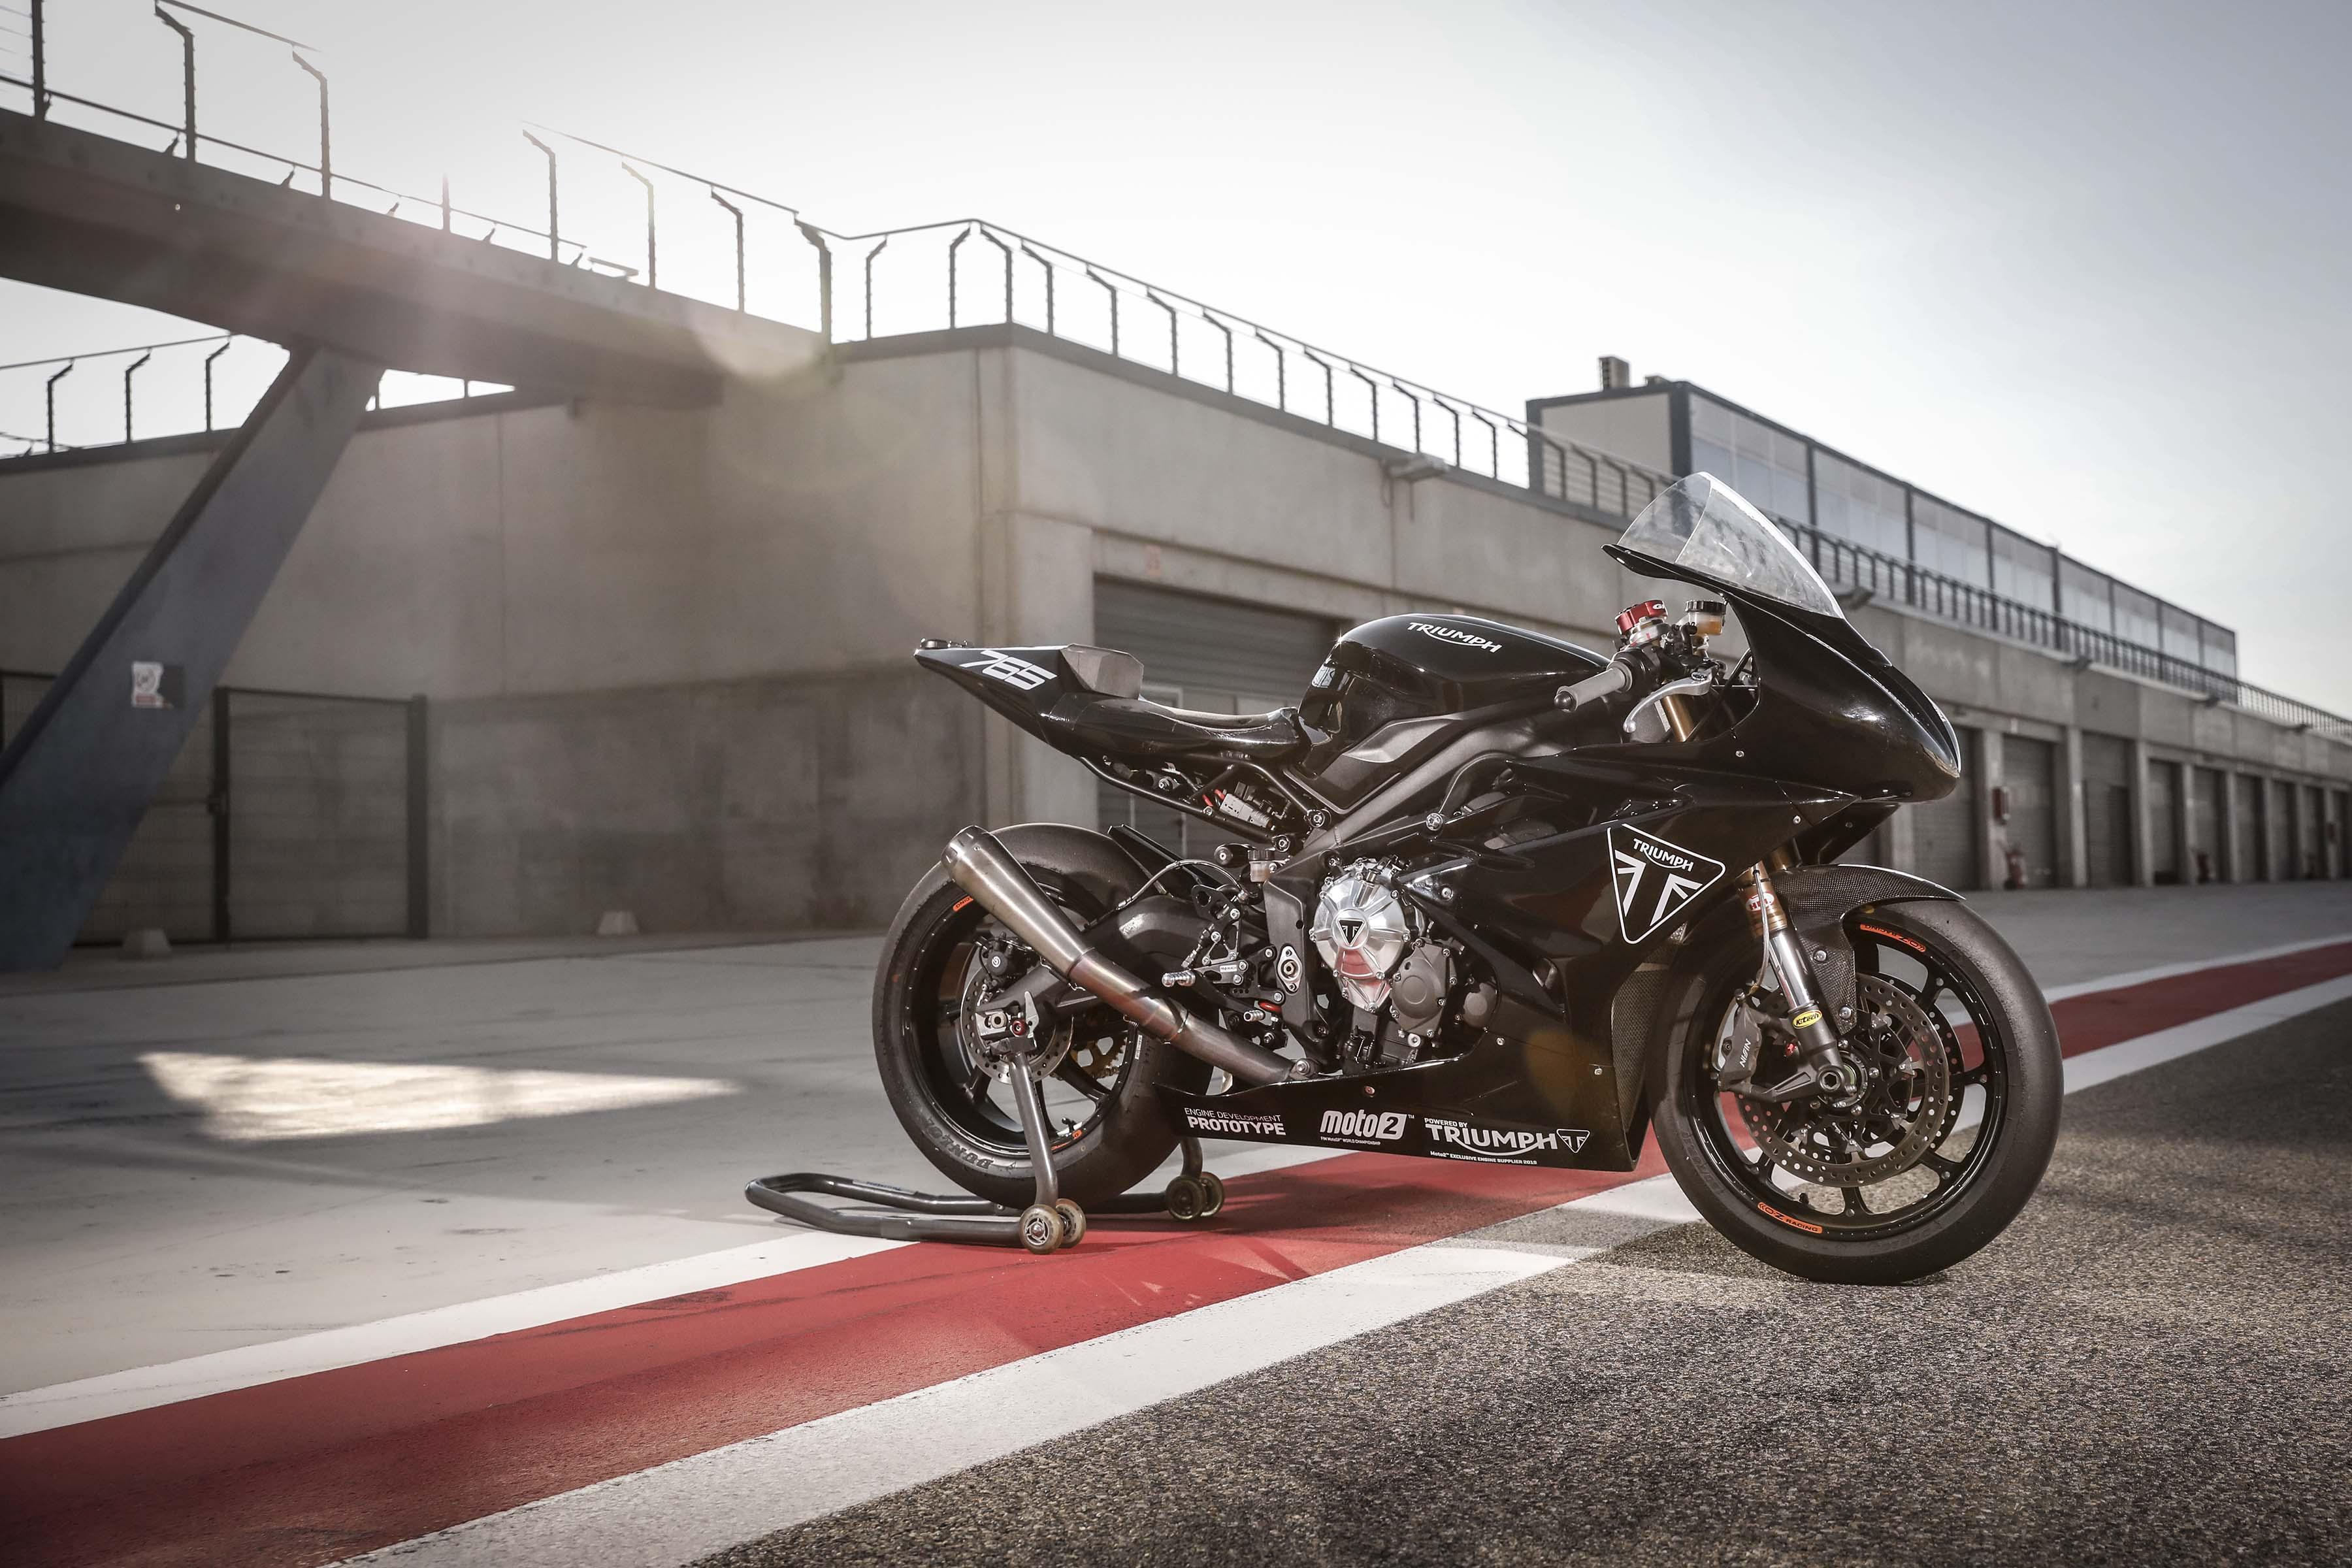 Triumph го тестираше мото 2 моторот со Daytona 765 прототип